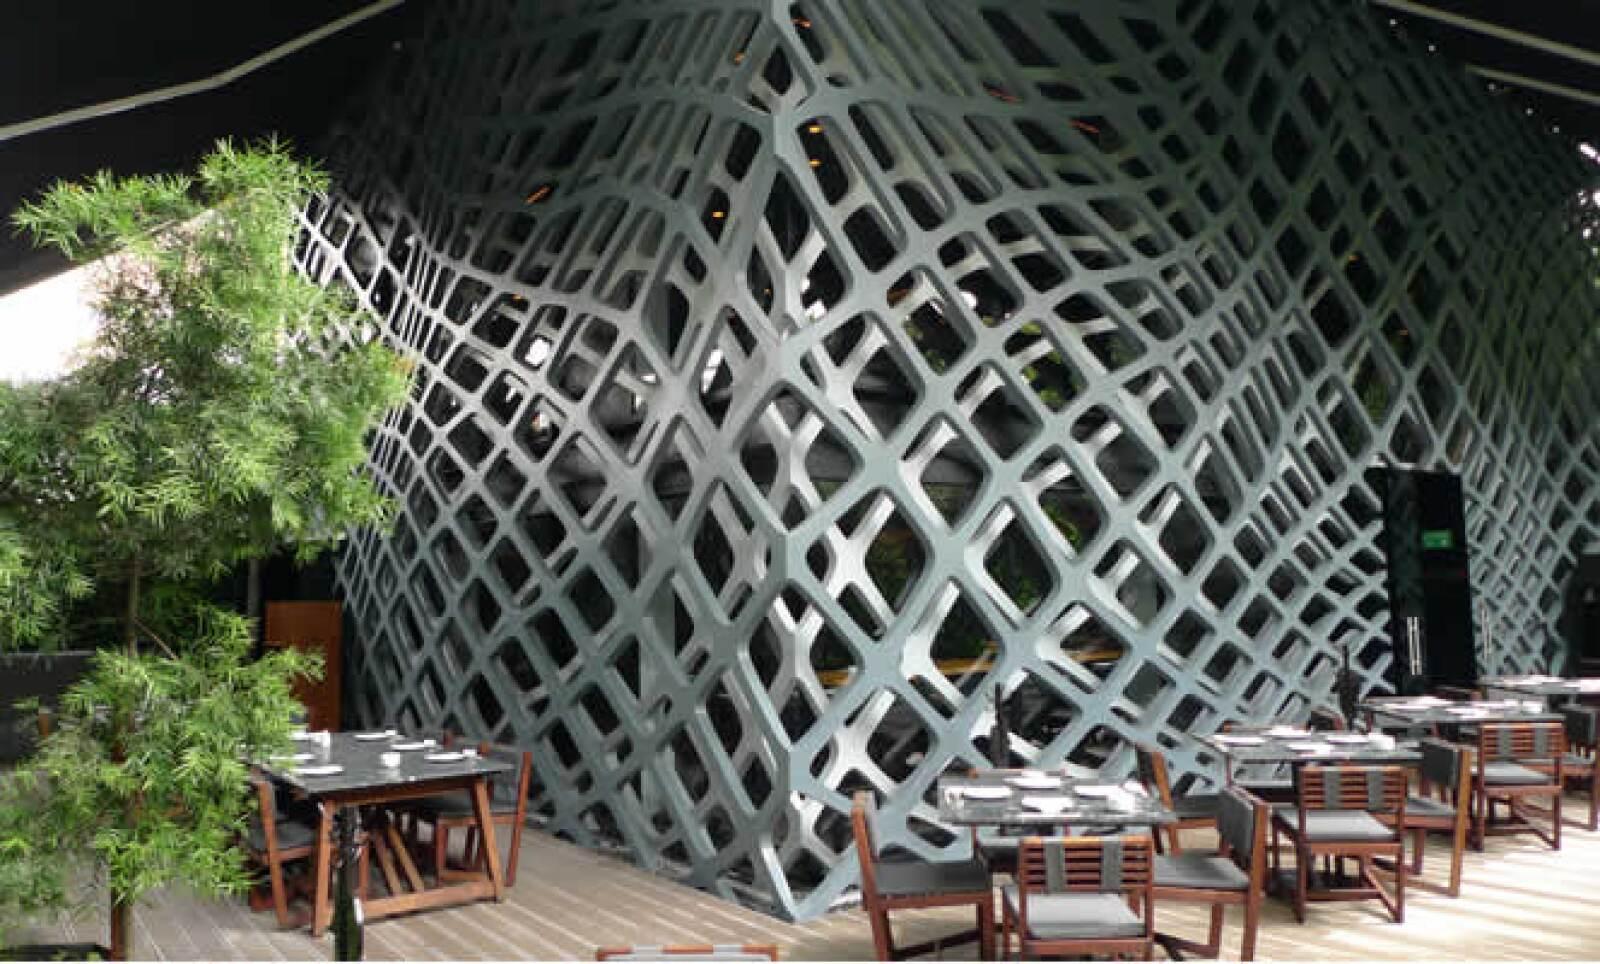 Considerado uno de los mejores restaurantes japoneses del DF, el nuevo Tori Tori Polanco, dirigido por Katsumi Kumoto ha captado el interés de comensales por su arquitectura vanguardista de Michel Rojkind.